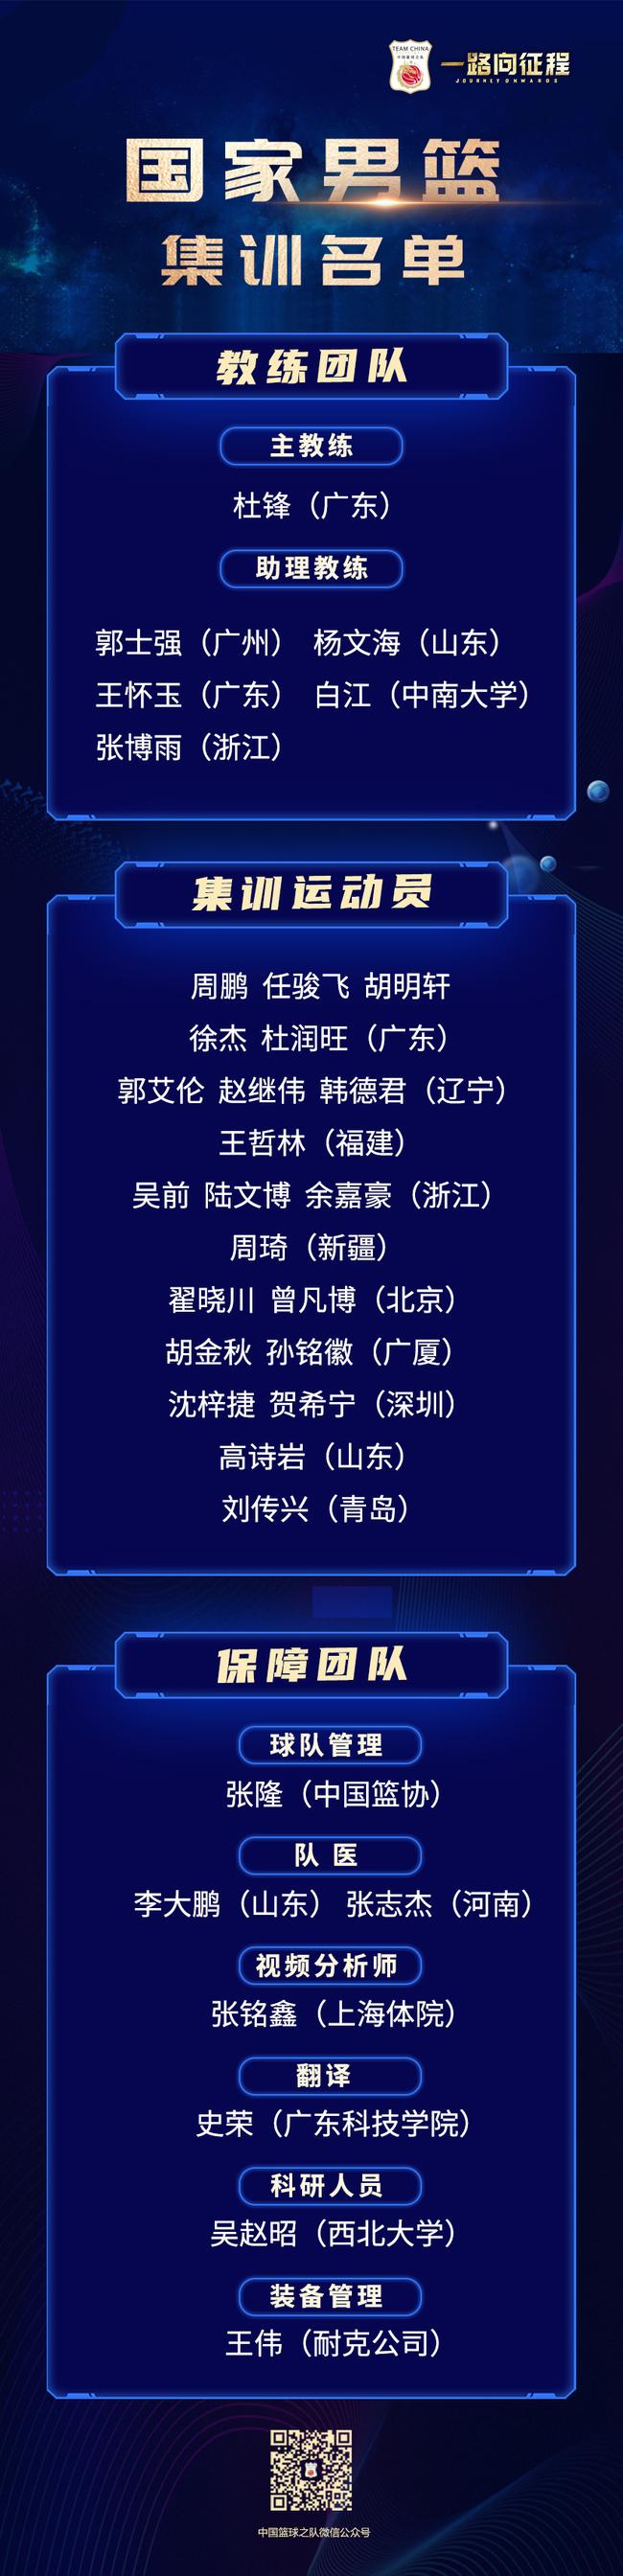 中国男篮21人集训名单:郭艾伦周琦王哲林领衔